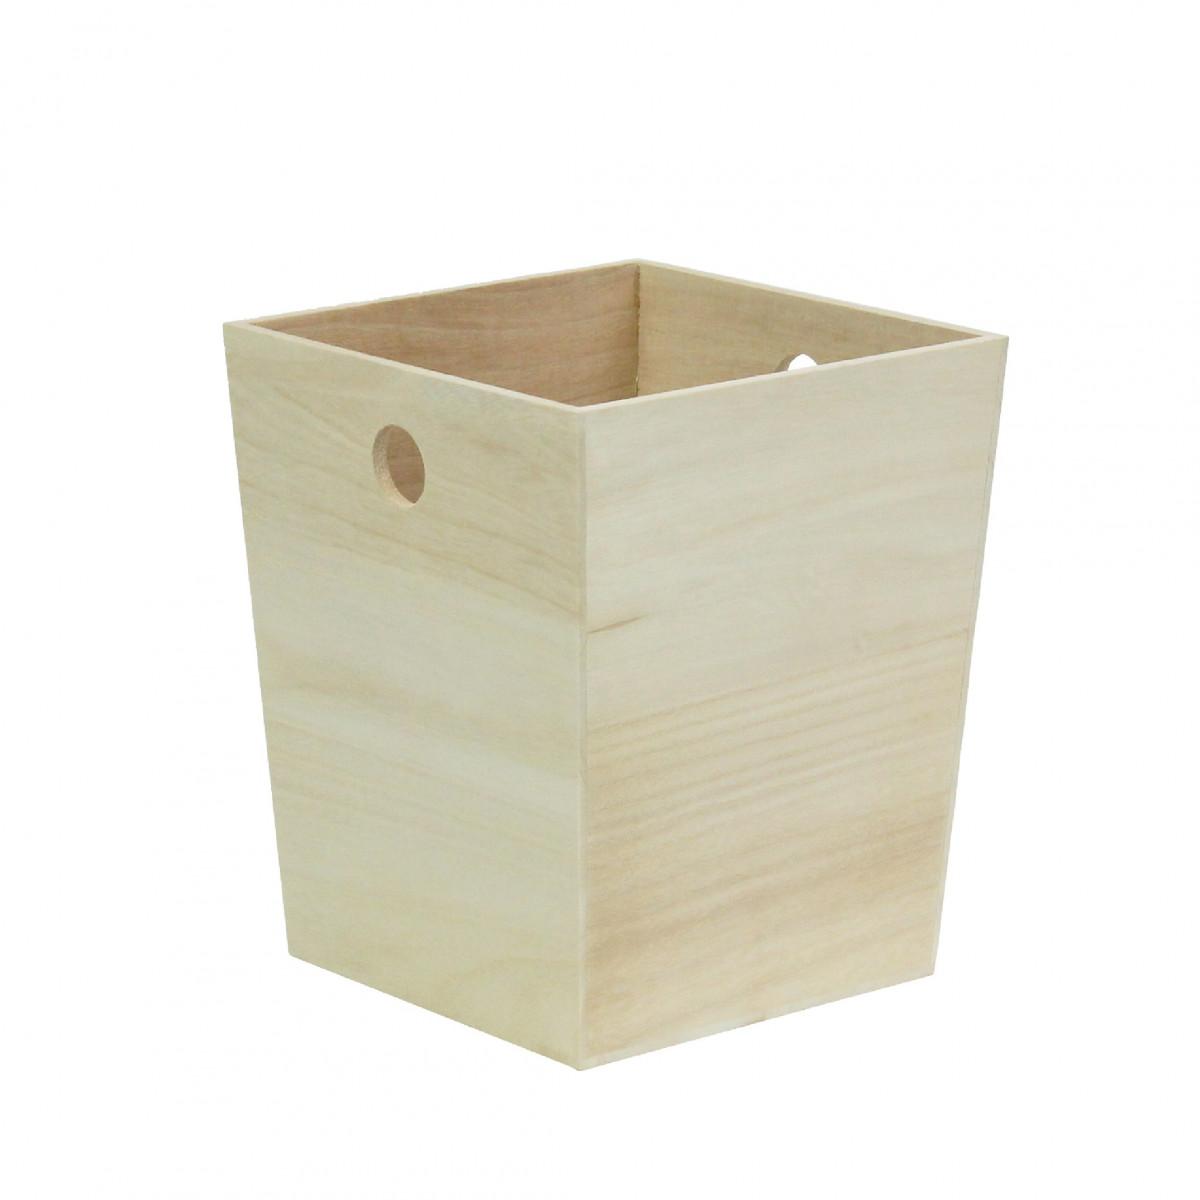 Petite corbeille papier en bois blanc for Corbeille en bois flotte